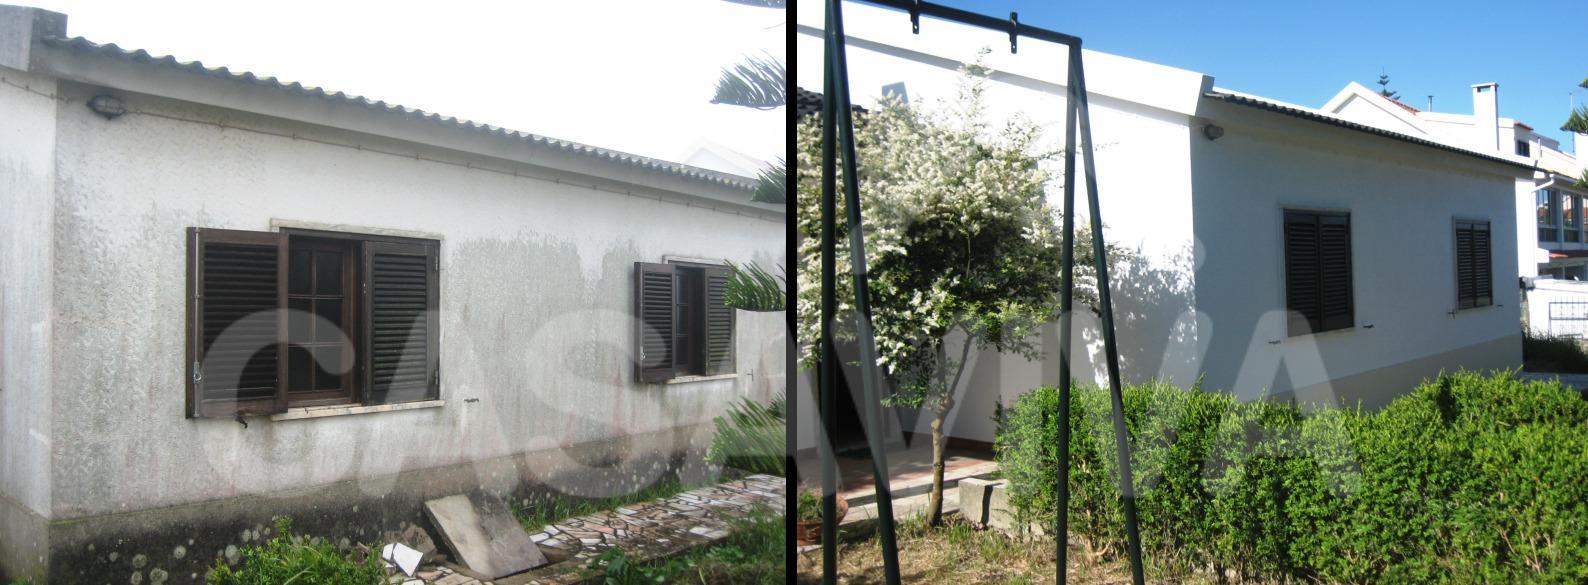 O espaço exterior melhorou bastante após o término dos trabalhos de reabilitação.